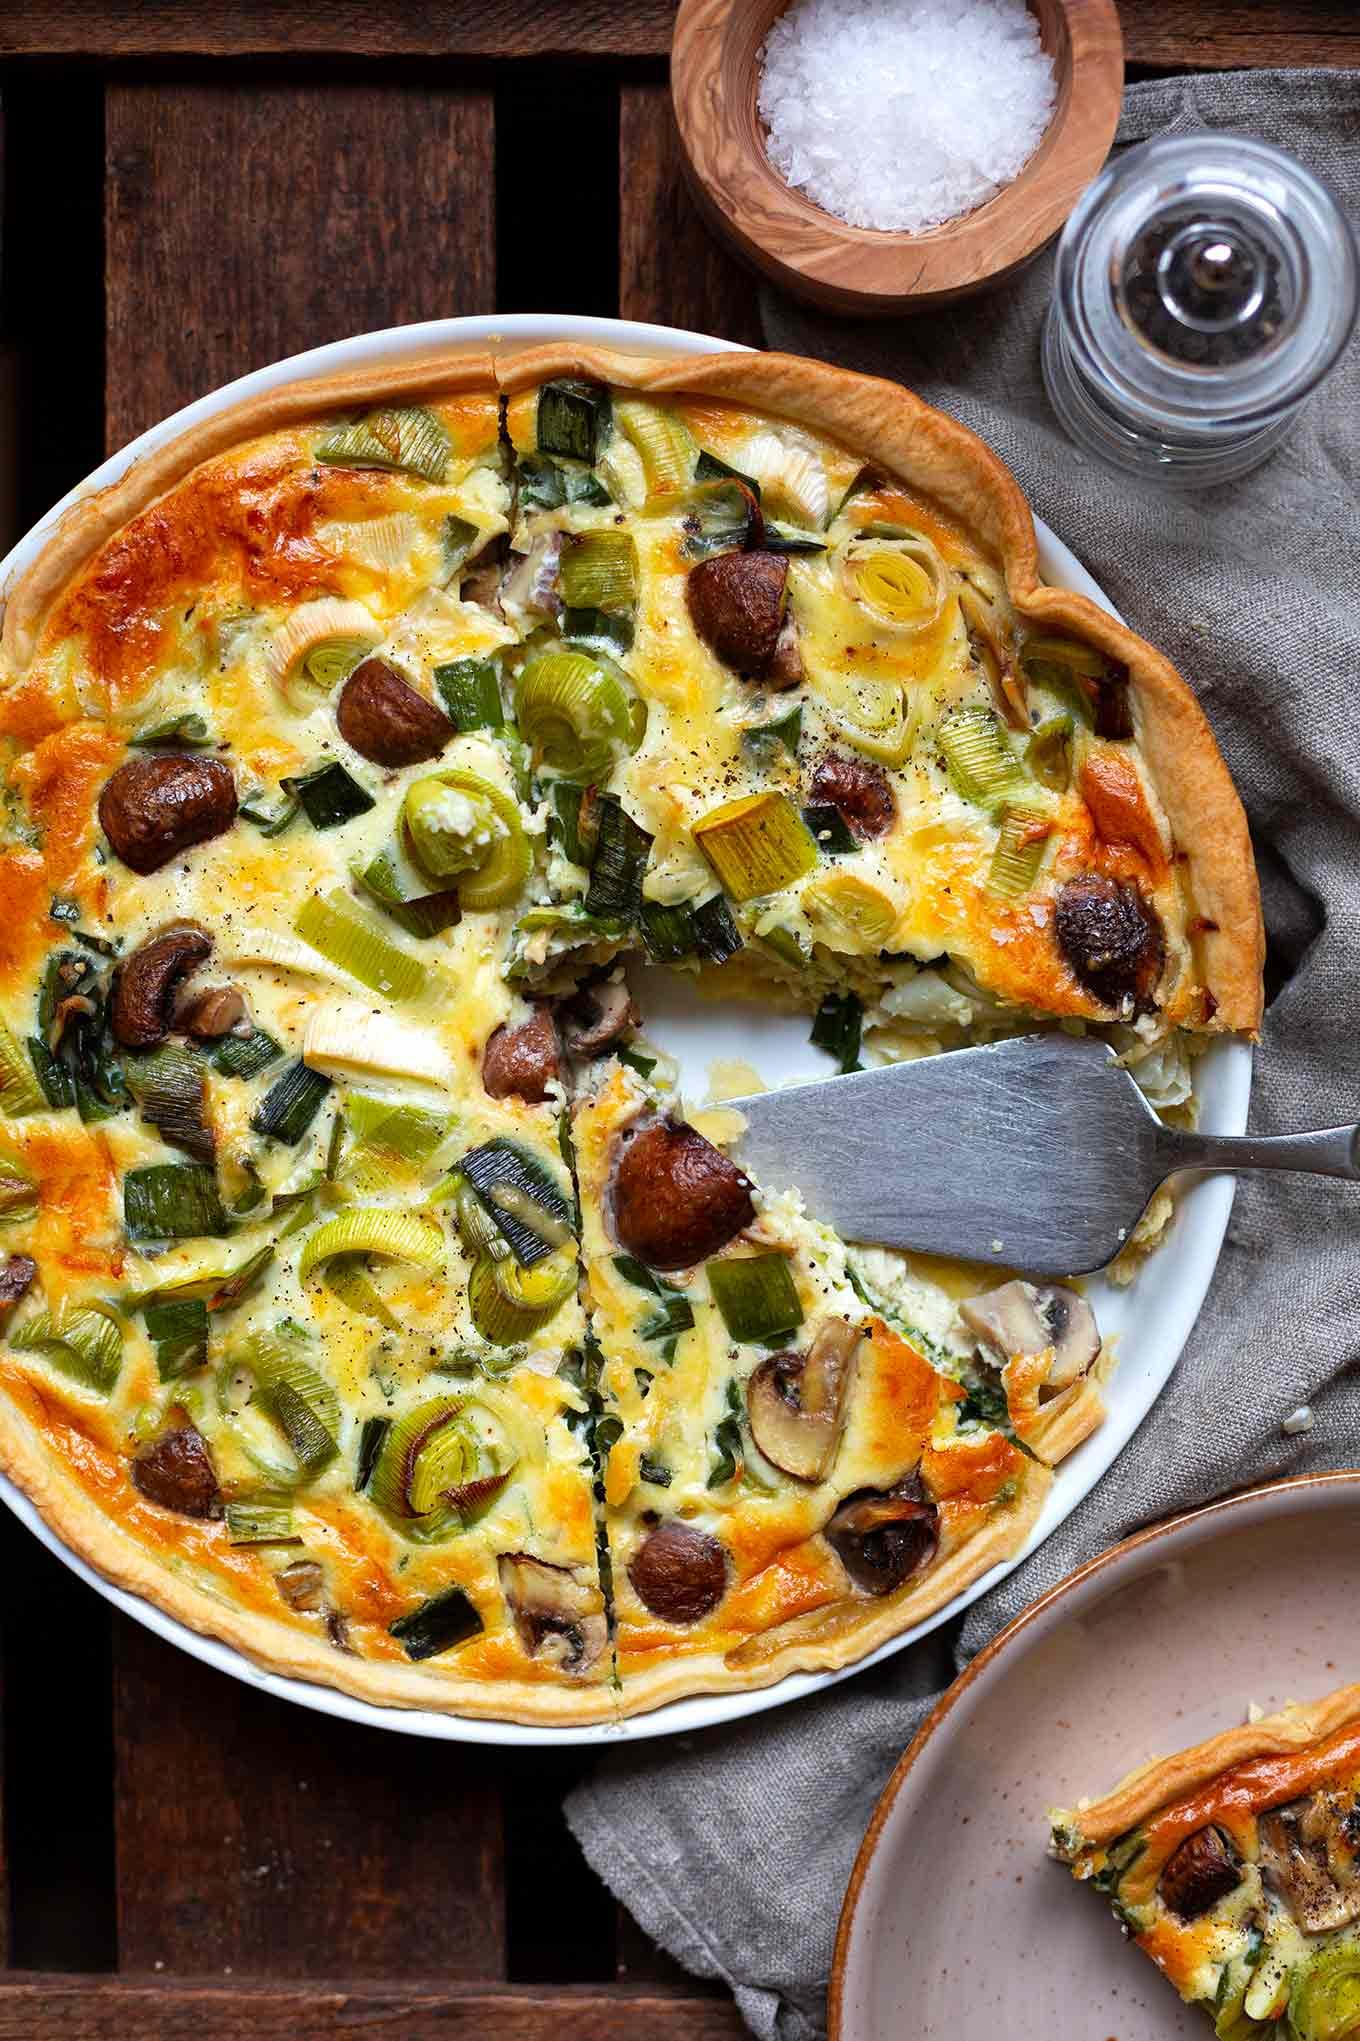 Einfache Lauch-Champignon-Quiche. Dieses schnelle vegetarische 6-Zutaten Rezept ist SO gut. Kochkarussell  - dein Foodblog für schnelle und einfache Feierabendküche